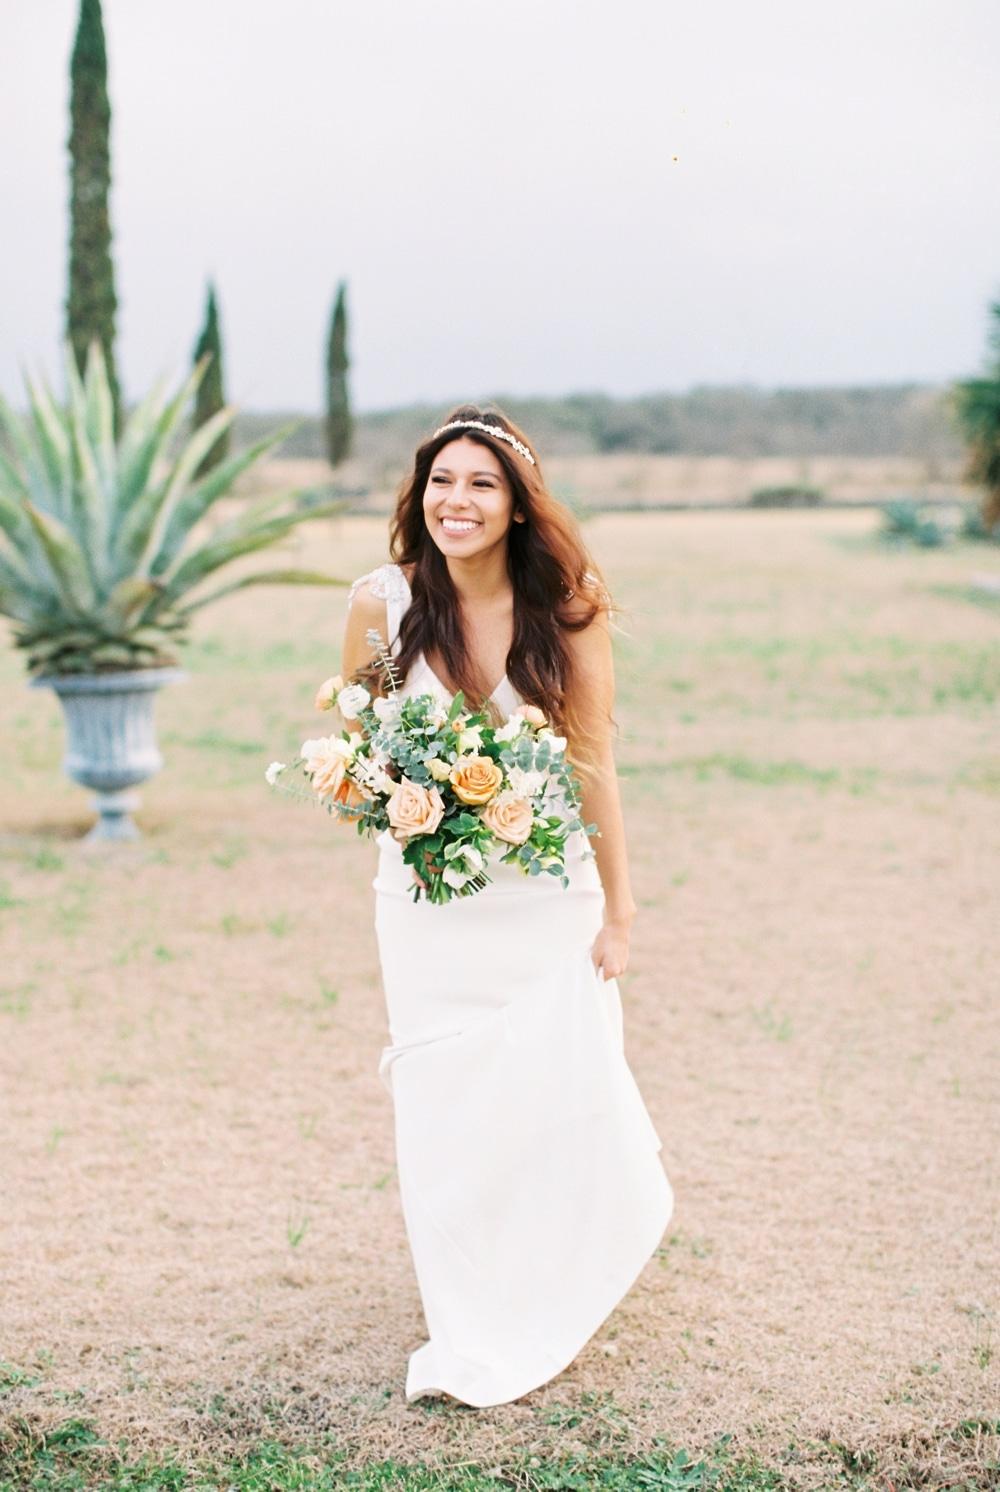 Kristin-La-Voie-Photography-Le-San-Michele-Austin-Wedding-Photographer-4